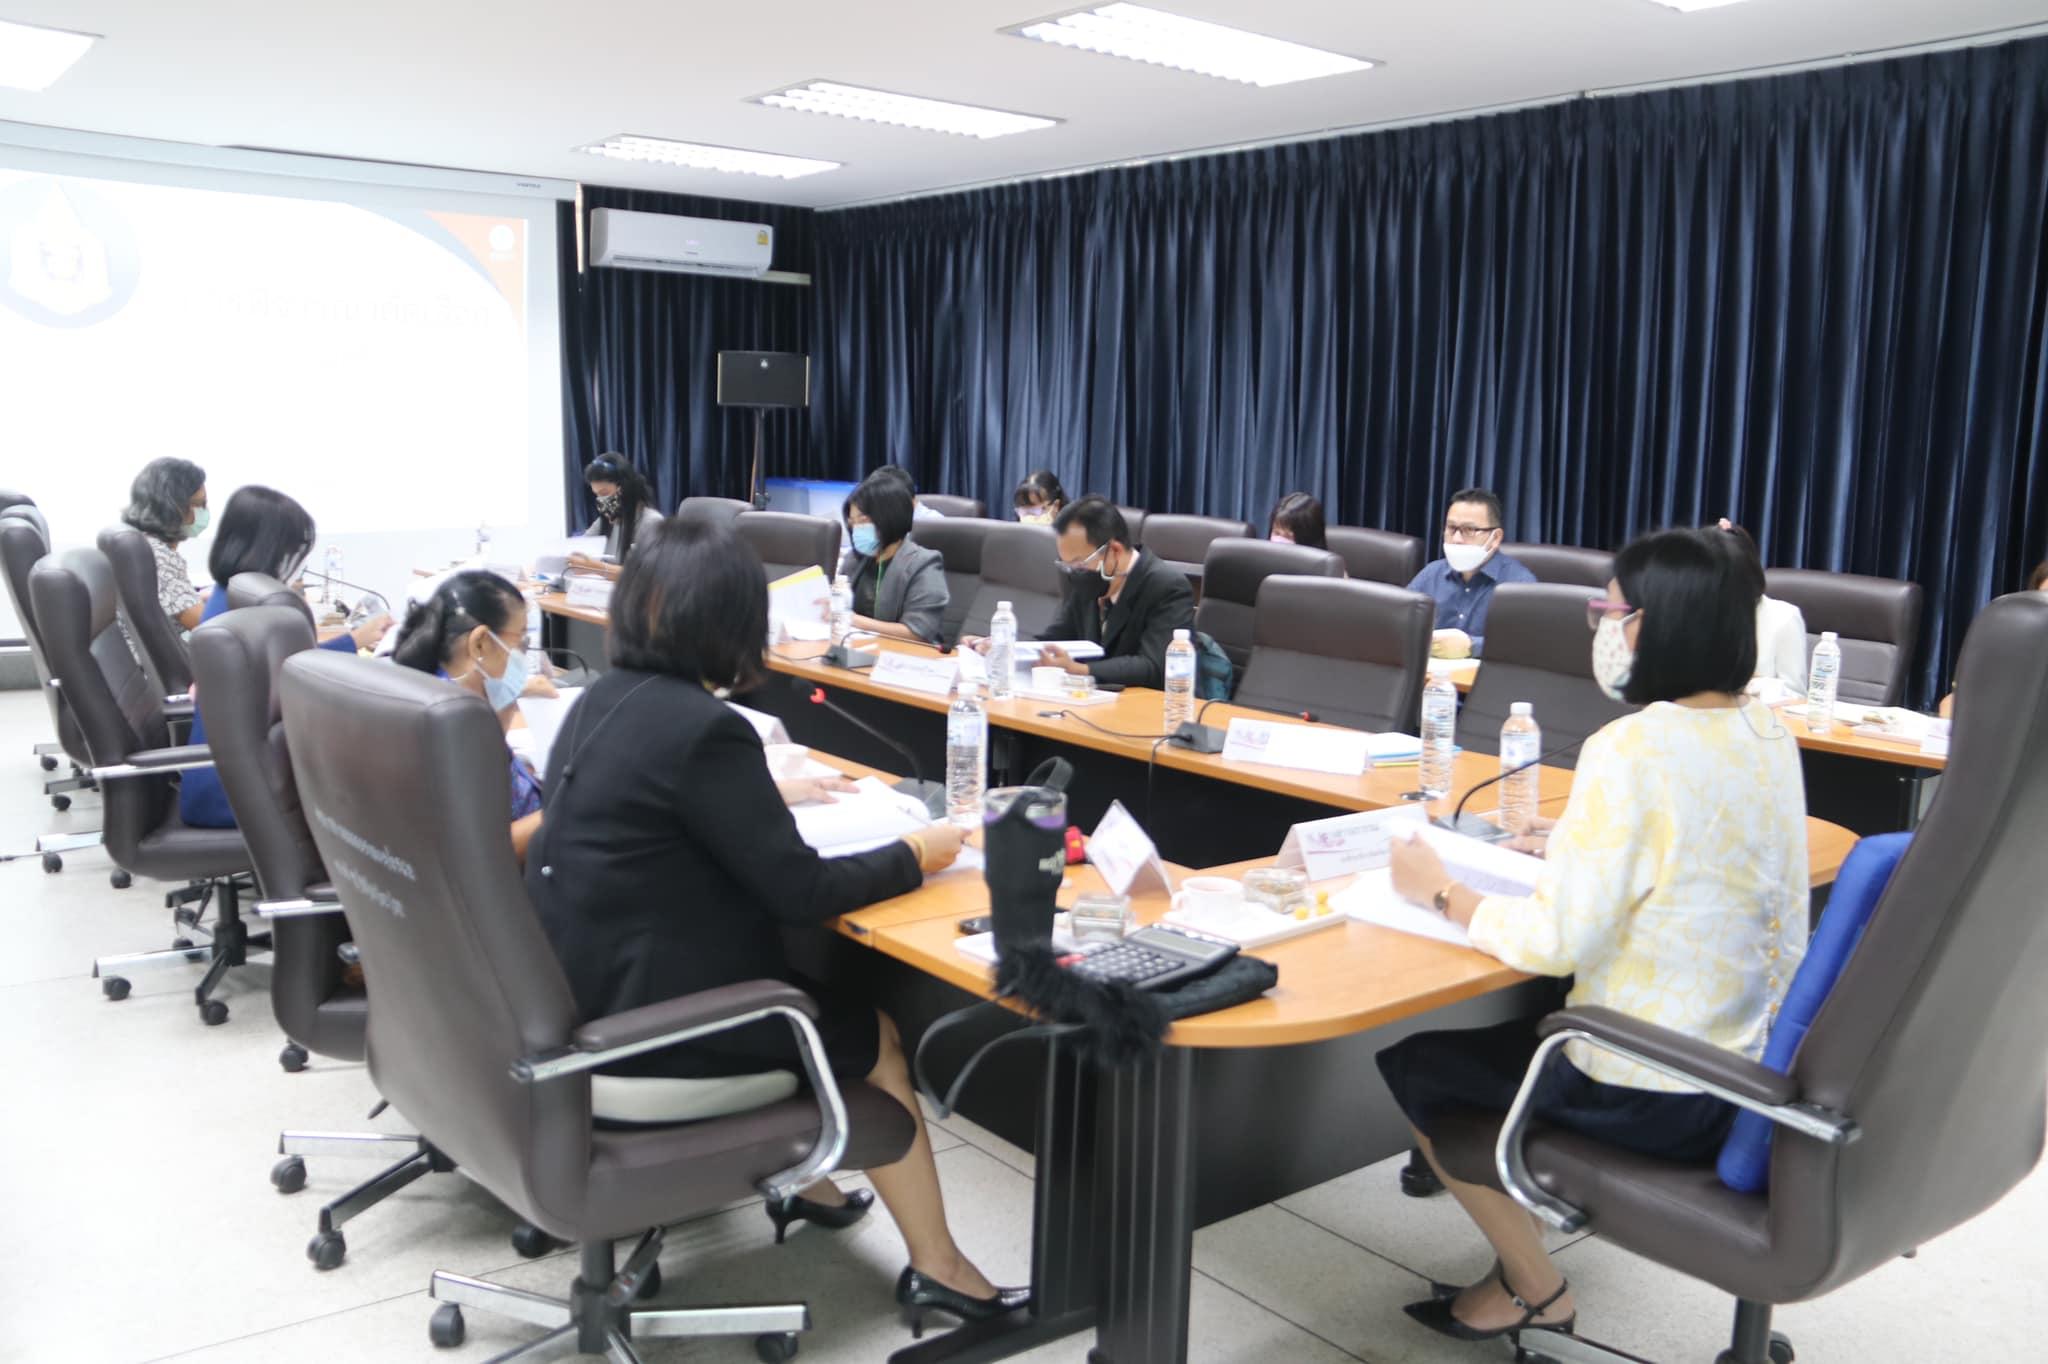 เมื่อวันที่ 15 กรกฎาคม 2564 นางสาวอรวรรรณ คำมาก รองศึกษาธิการจังหวัดกาญจนบุรี เป็นประธานในการประชุมคณะกรรมการพิจารณาคัดเลือกผู้ประกอบวิชาชีพทางการศึกษา เพื่อรับรางวัลของคุรุสภา ประจำปี 2564